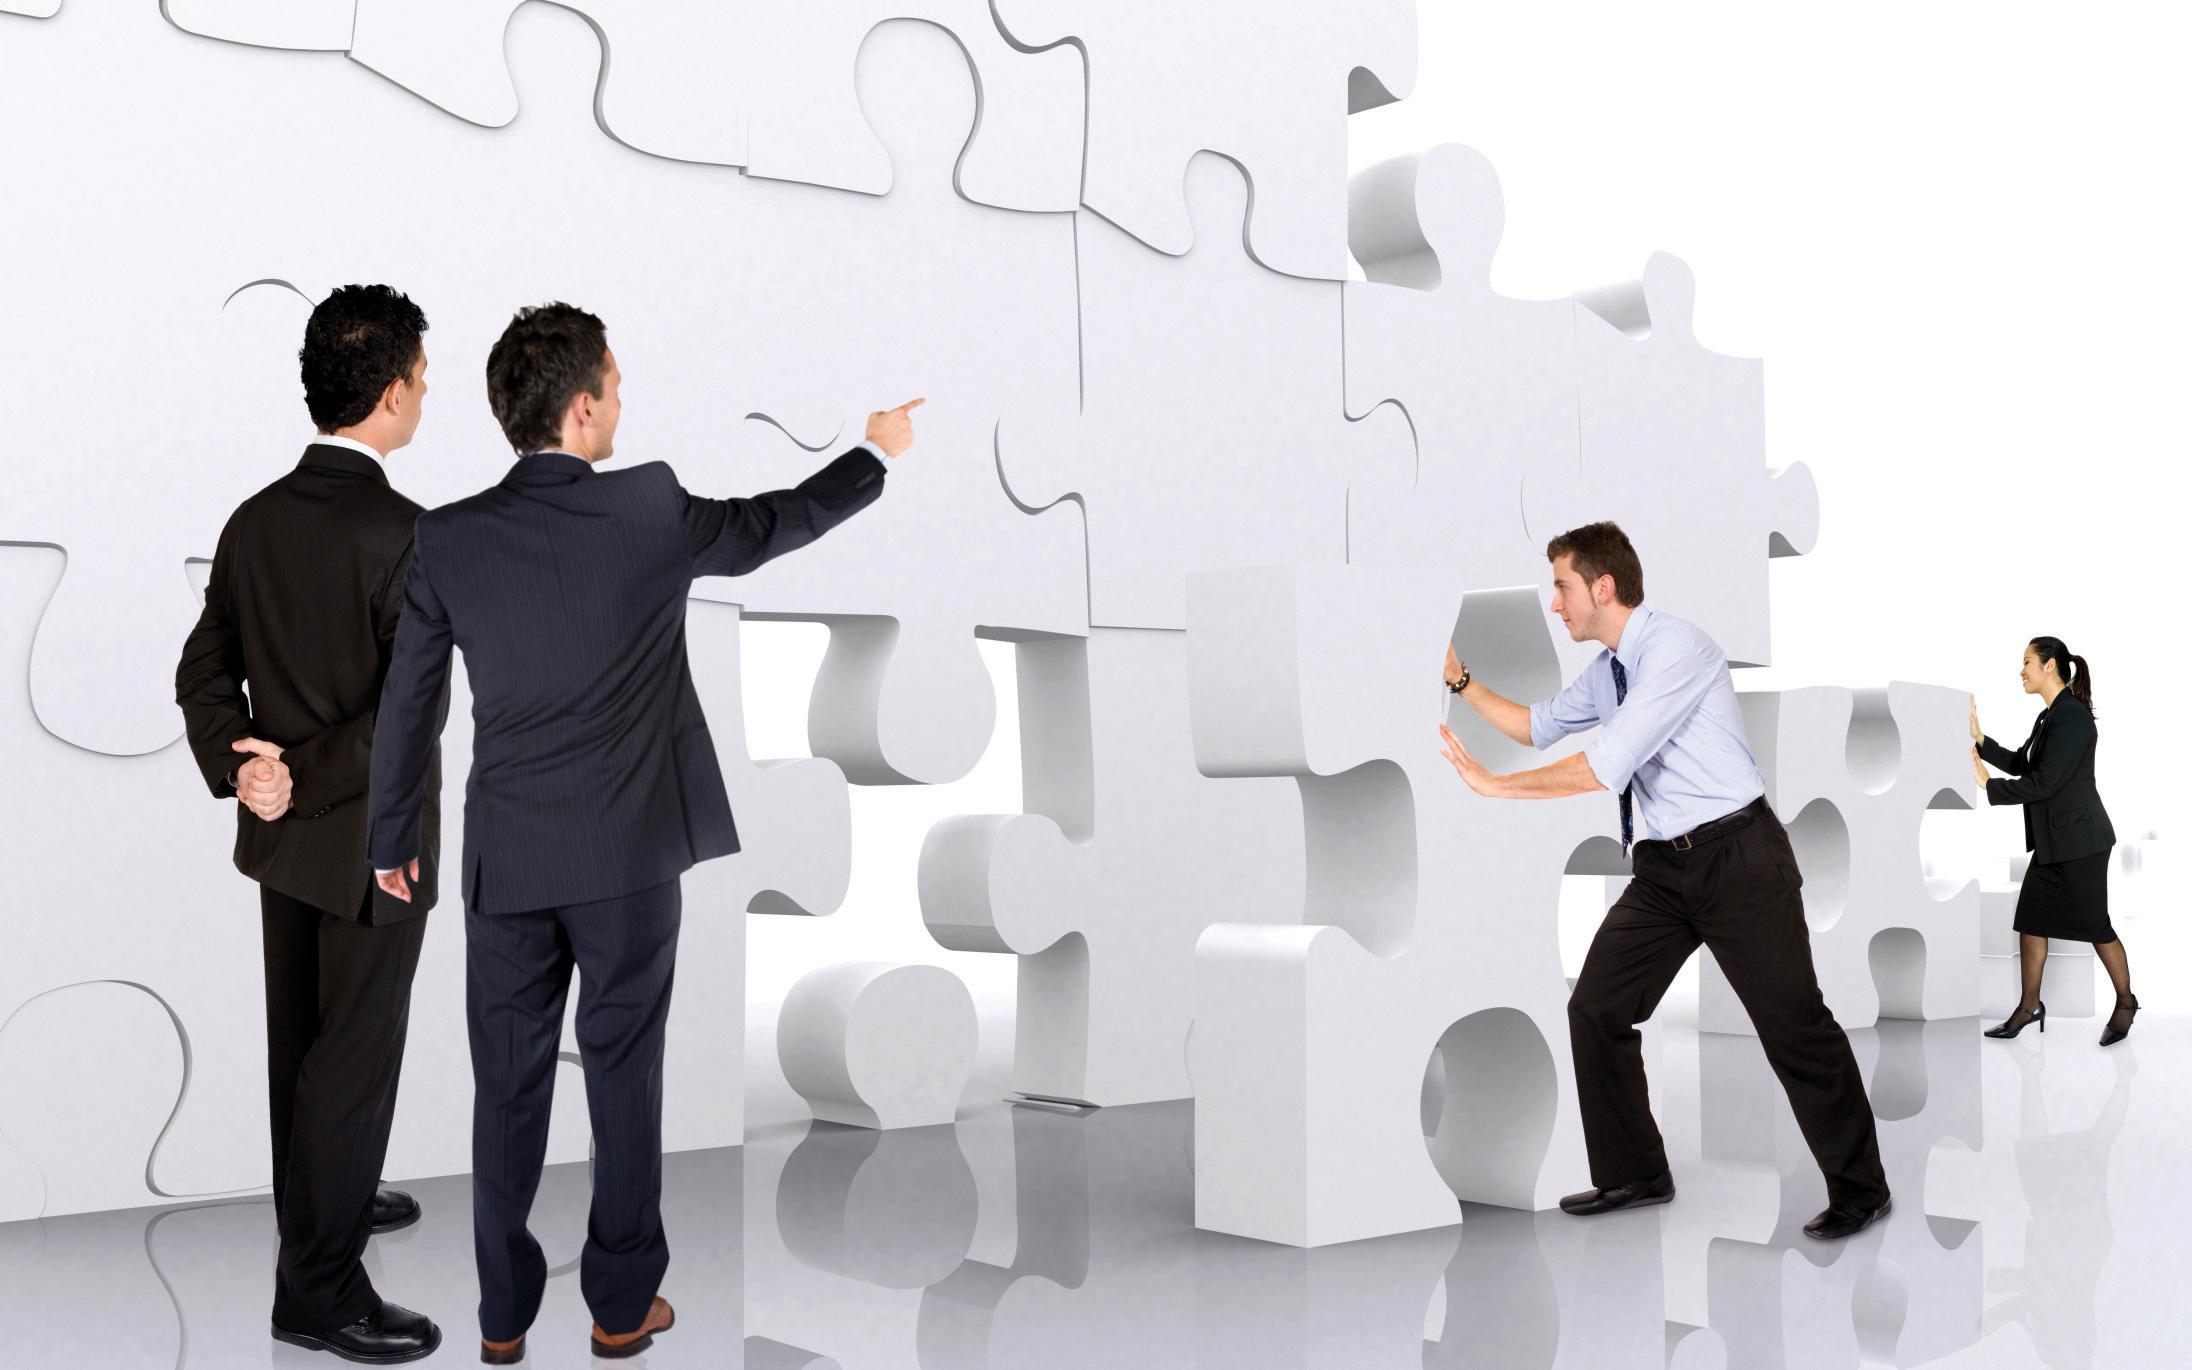 چگونه مشکلات کسب و کار را رفع کنیم